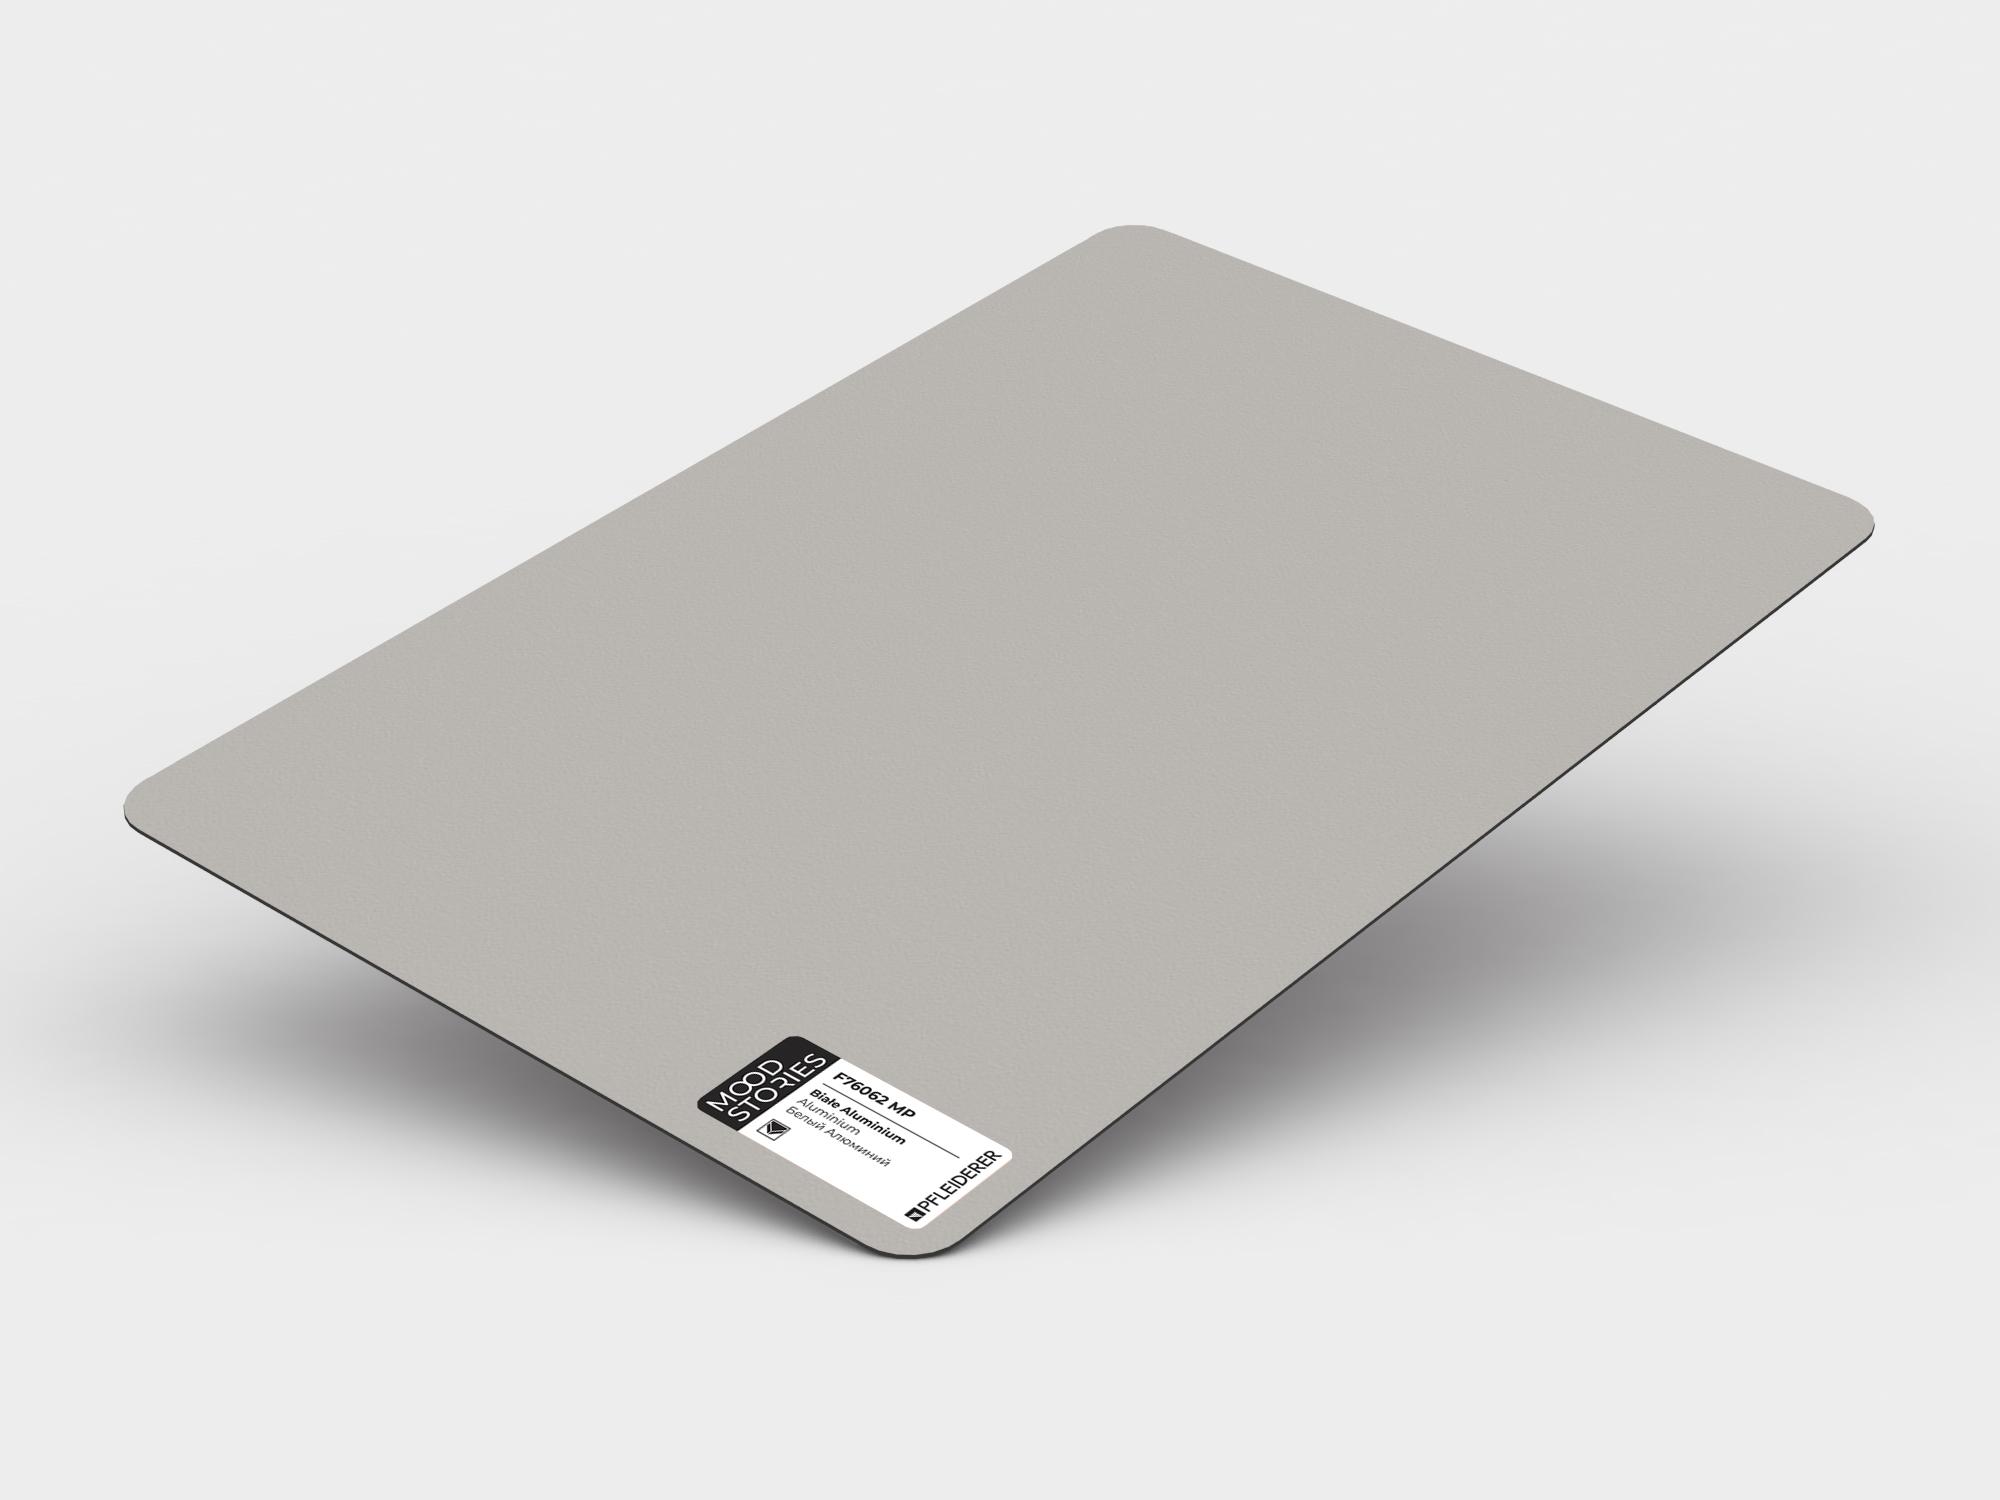 Biale Aluminium F76062 MP